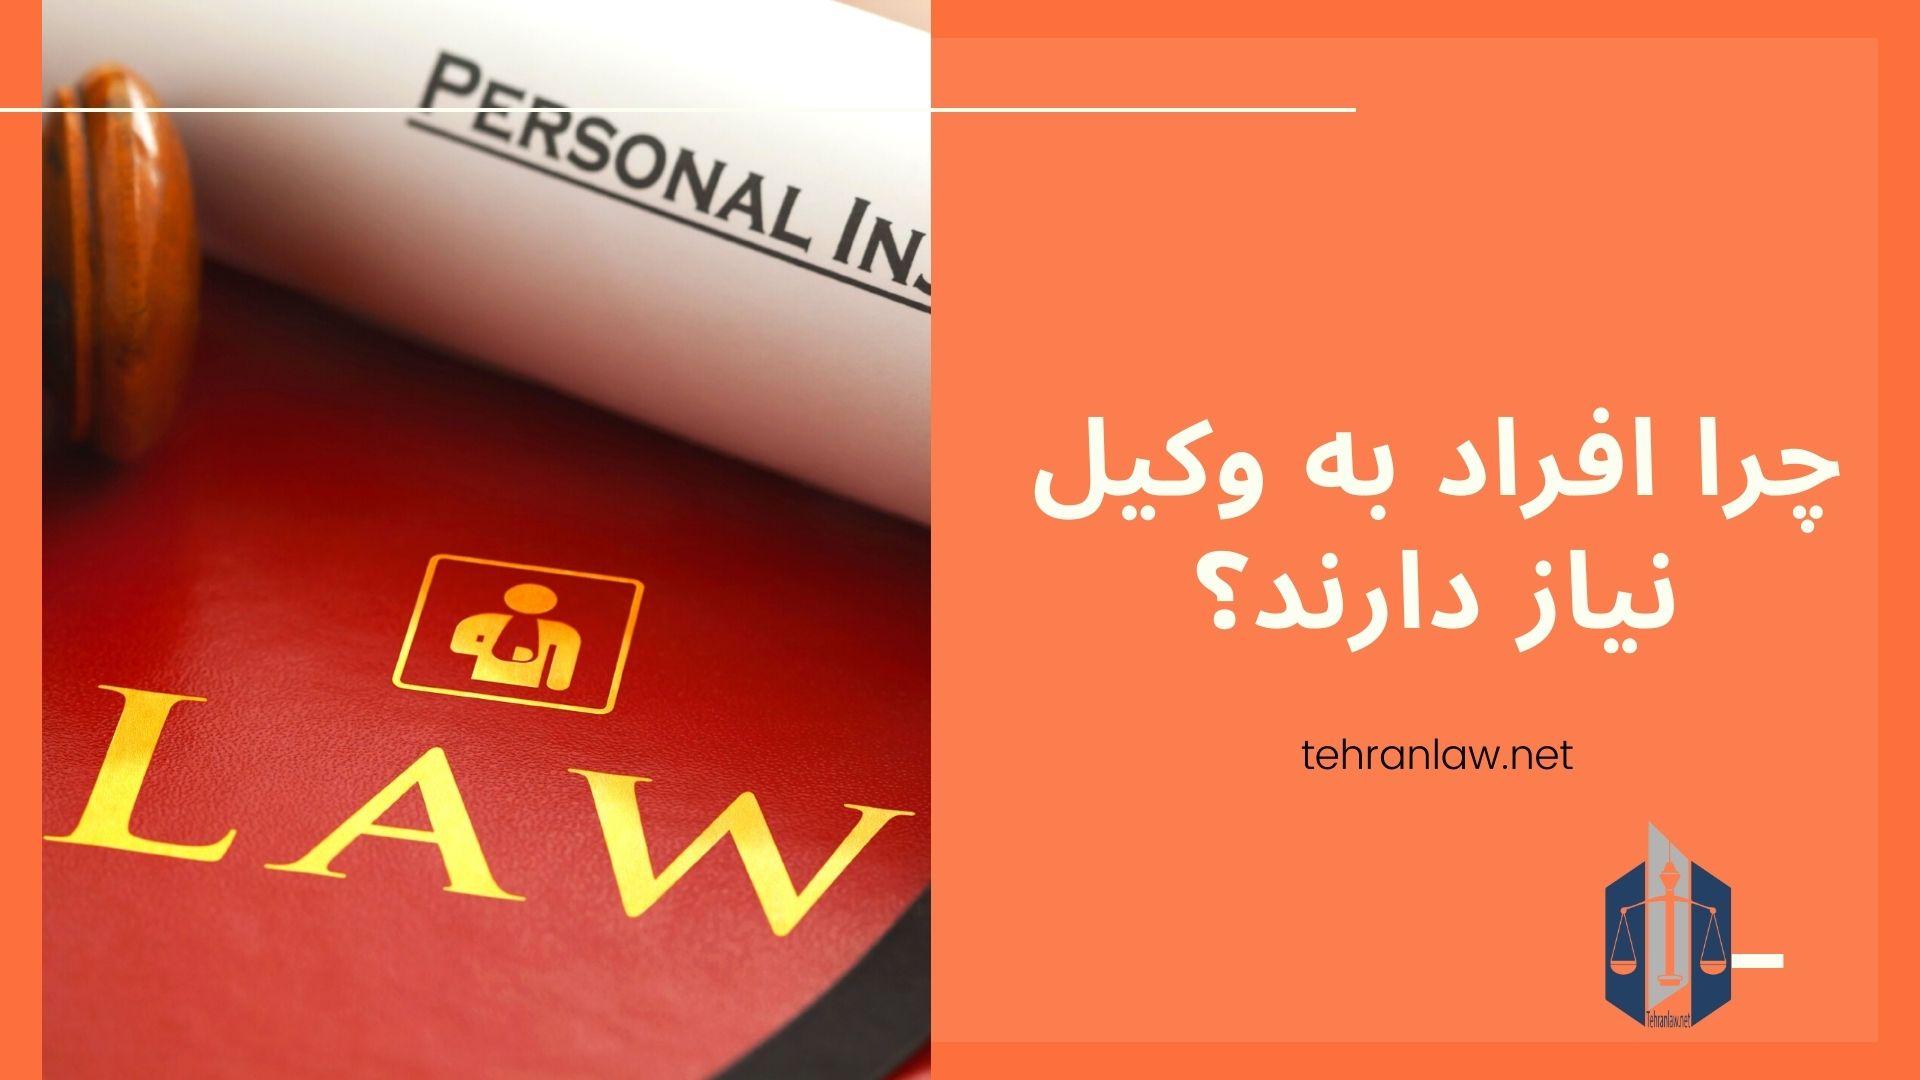 چرا افراد به وکیل نیاز دارند؟